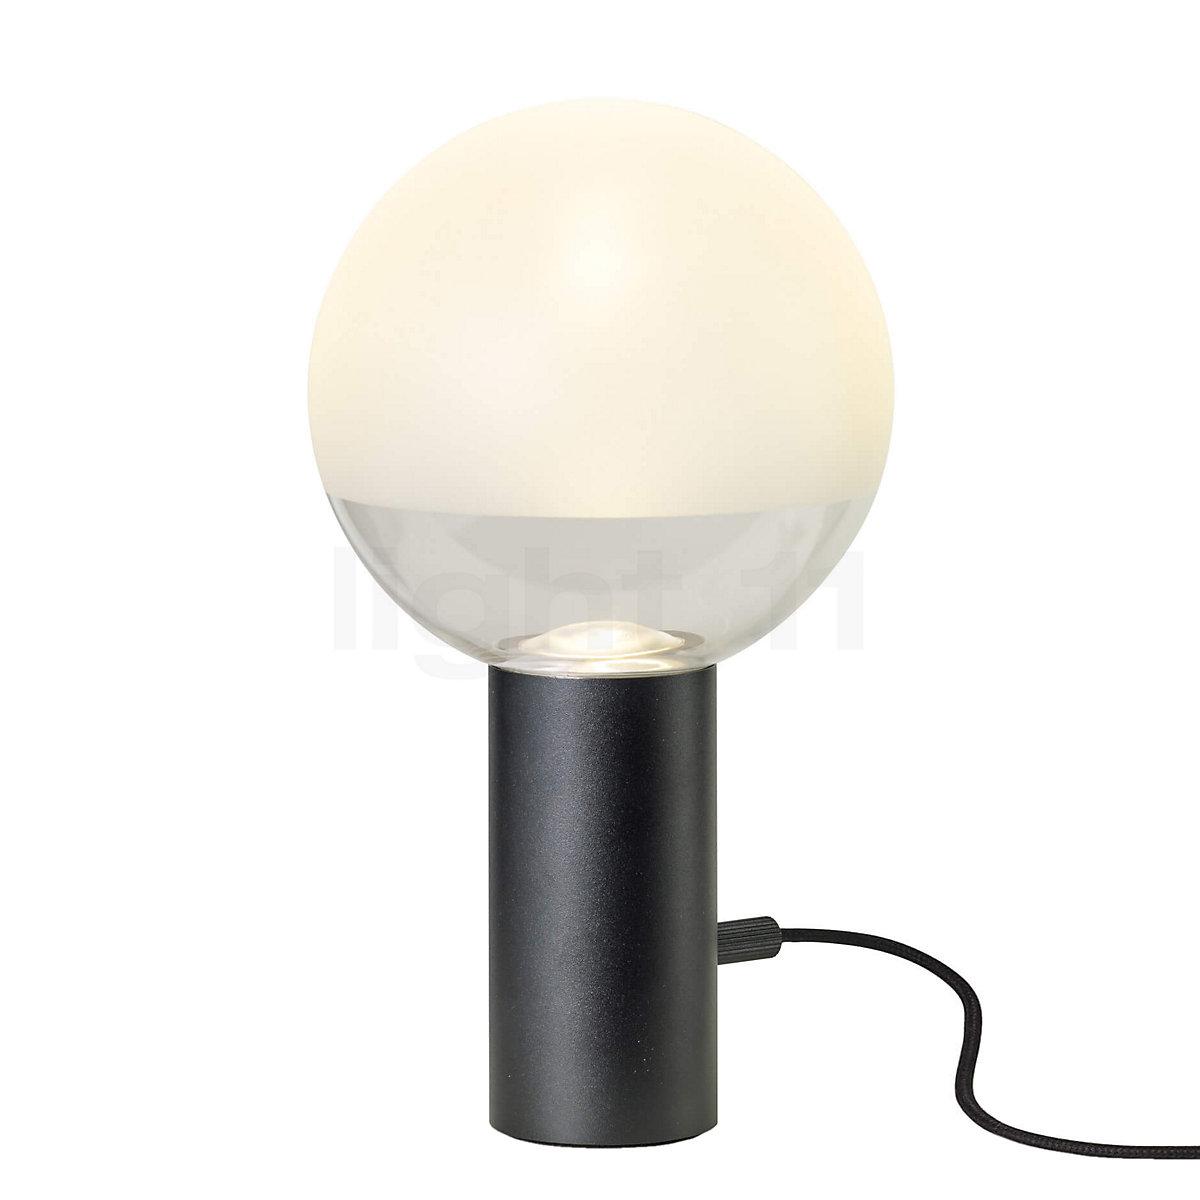 Oligo Kuula Lampada Da Tavolo Led Light11 It